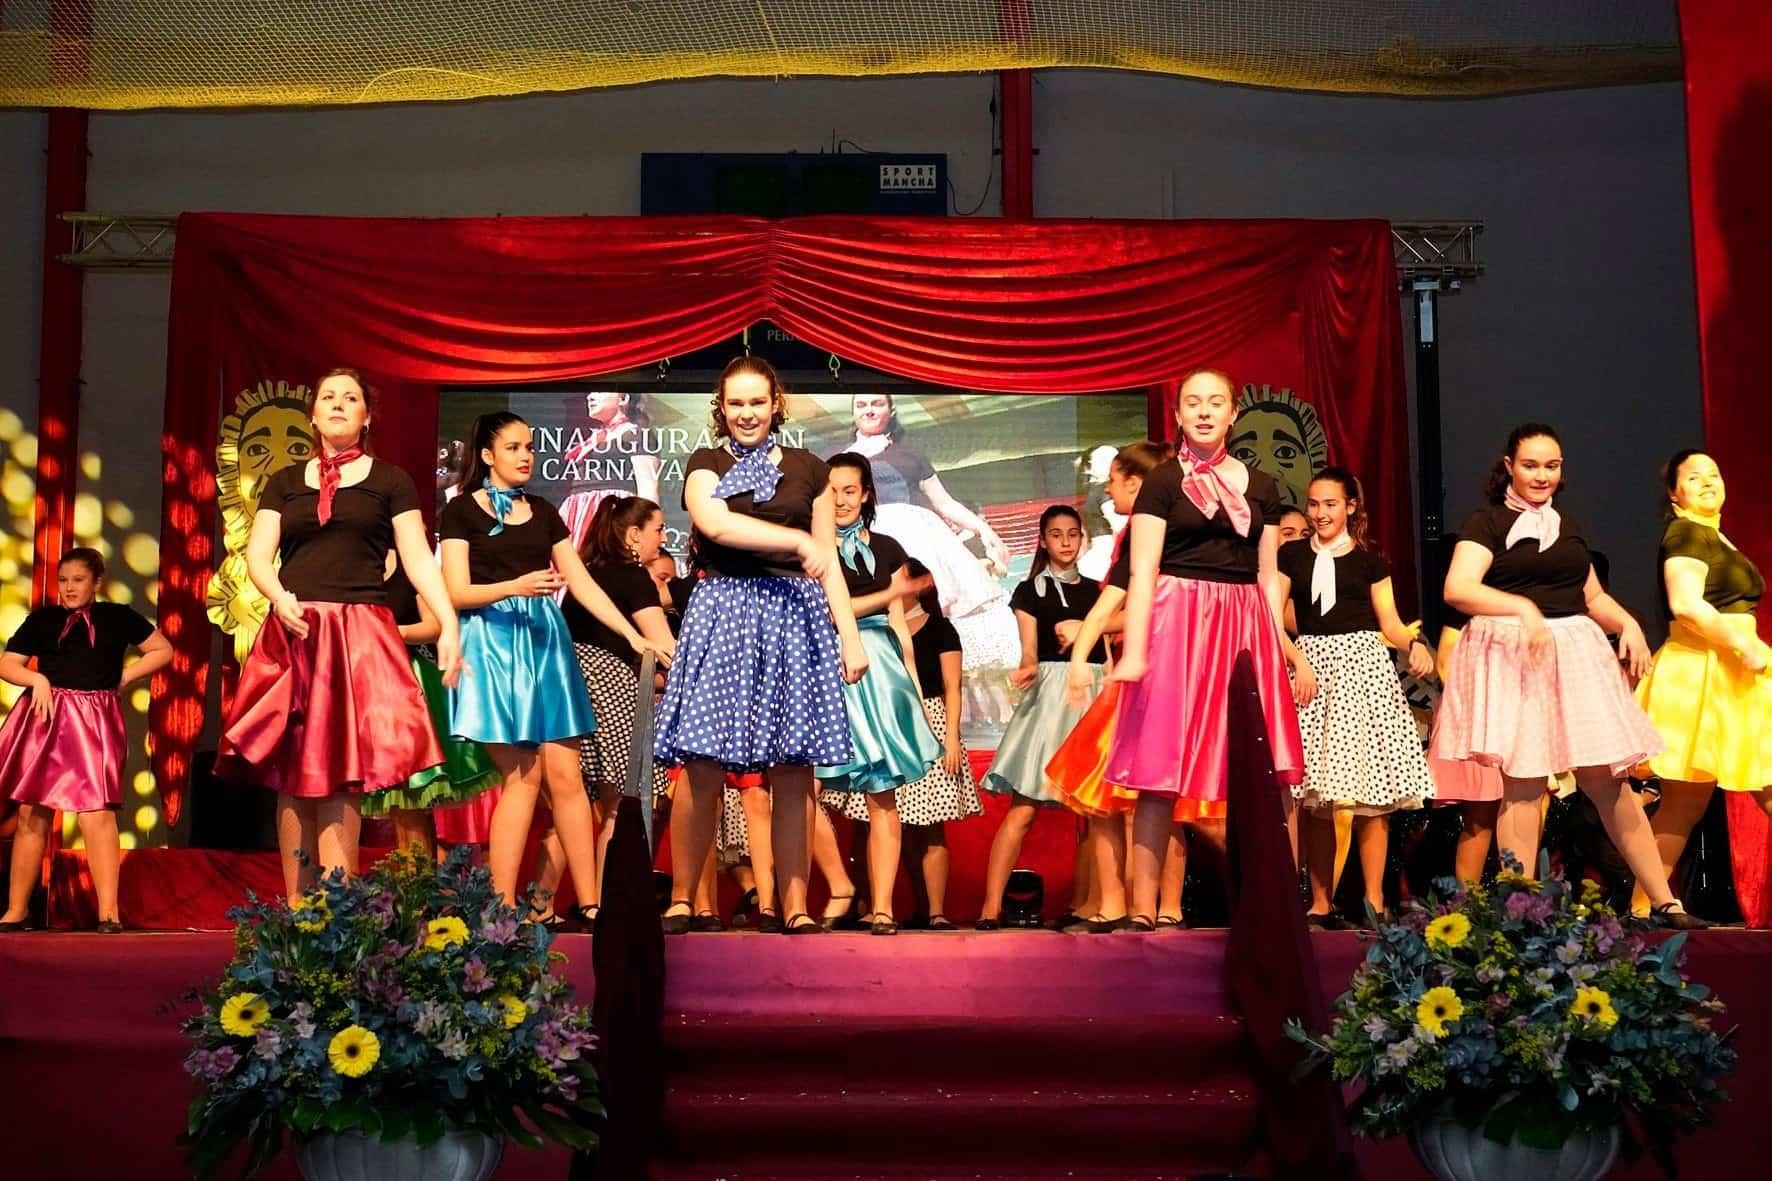 inauguracion carnaval 2020 herencia 40 - Inauguración del Carnaval de Herencia 2020